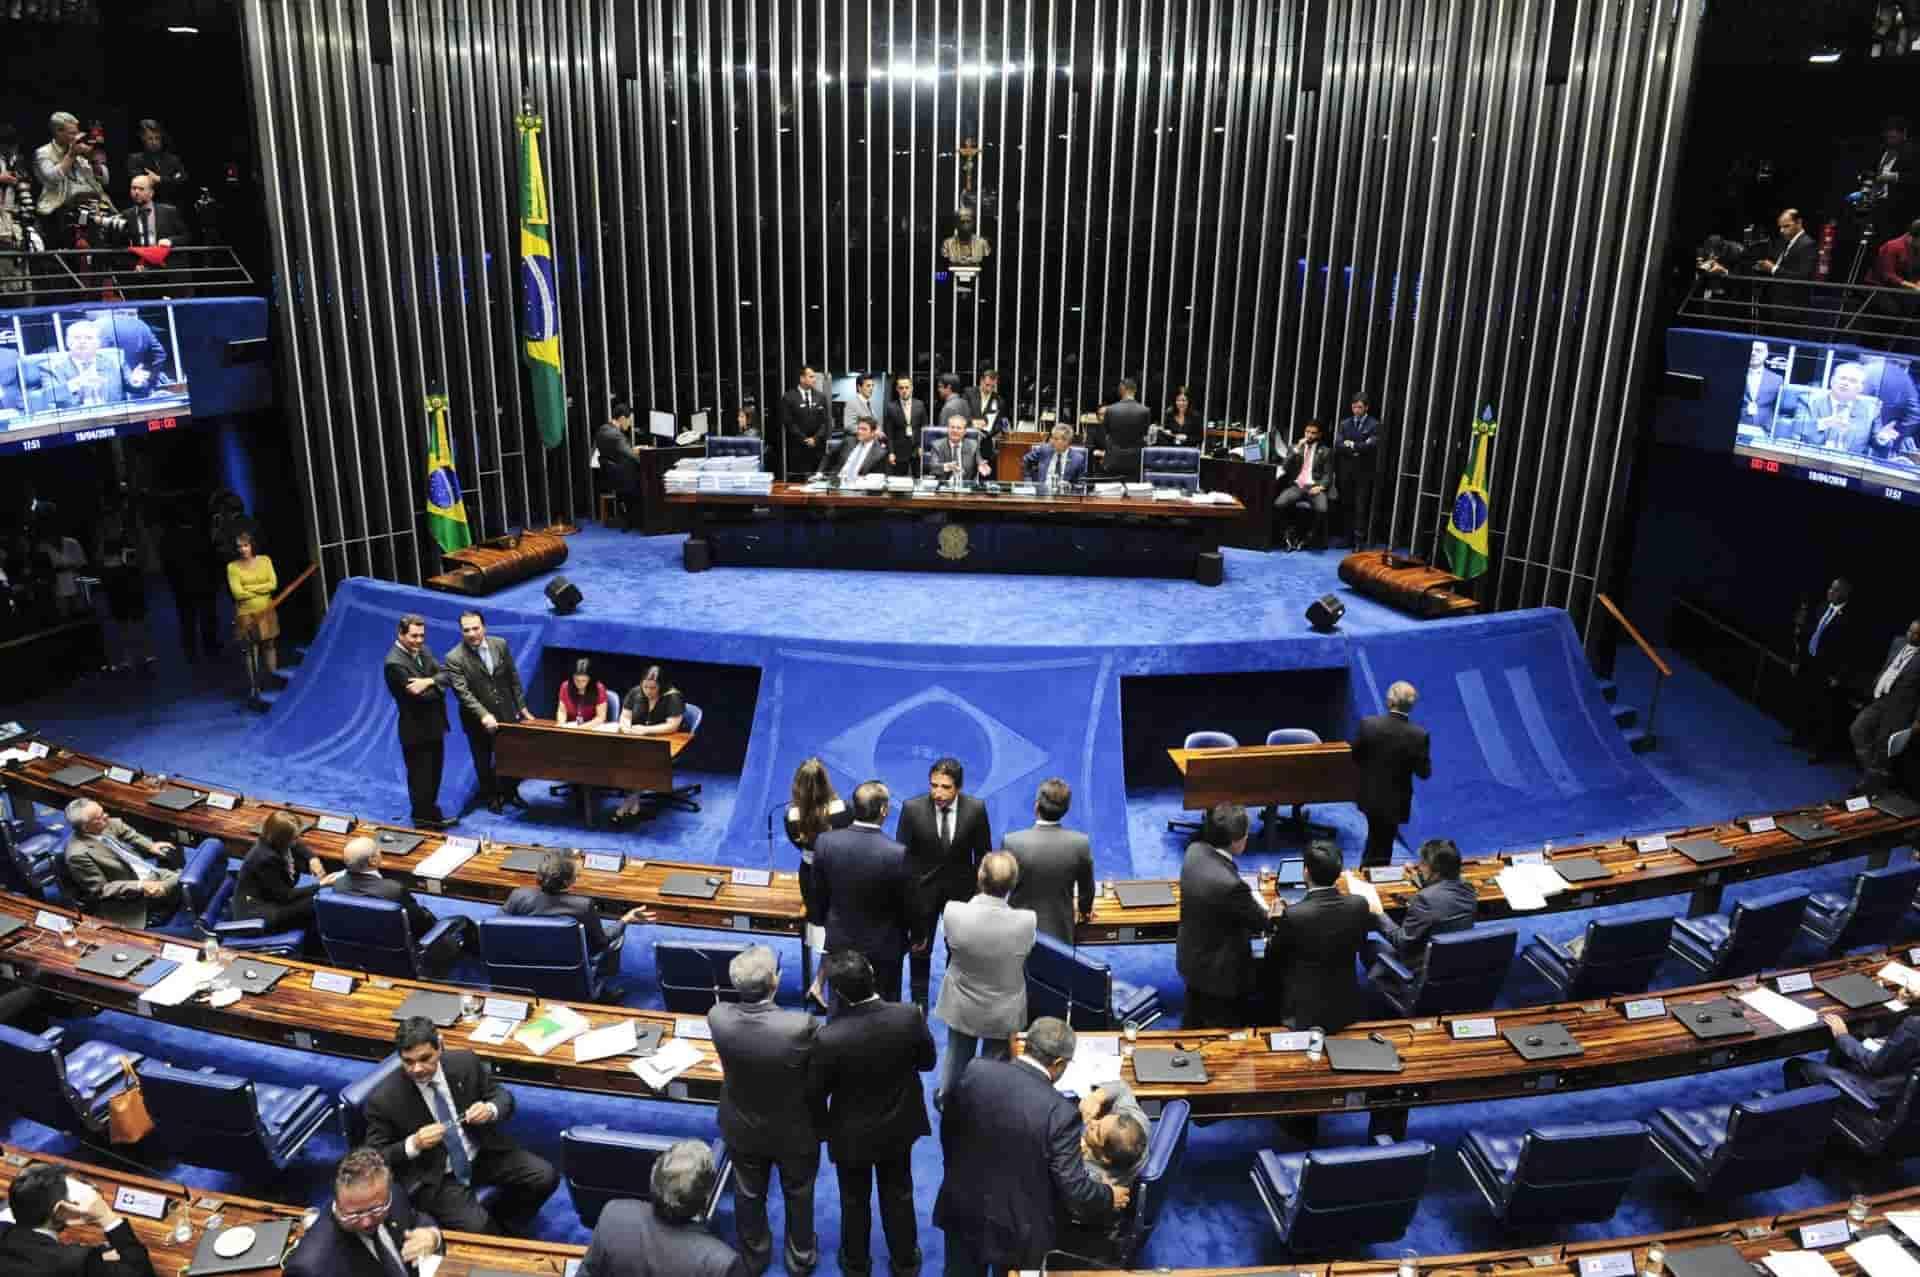 Senado votará Reforma da Previdência até final de setembro